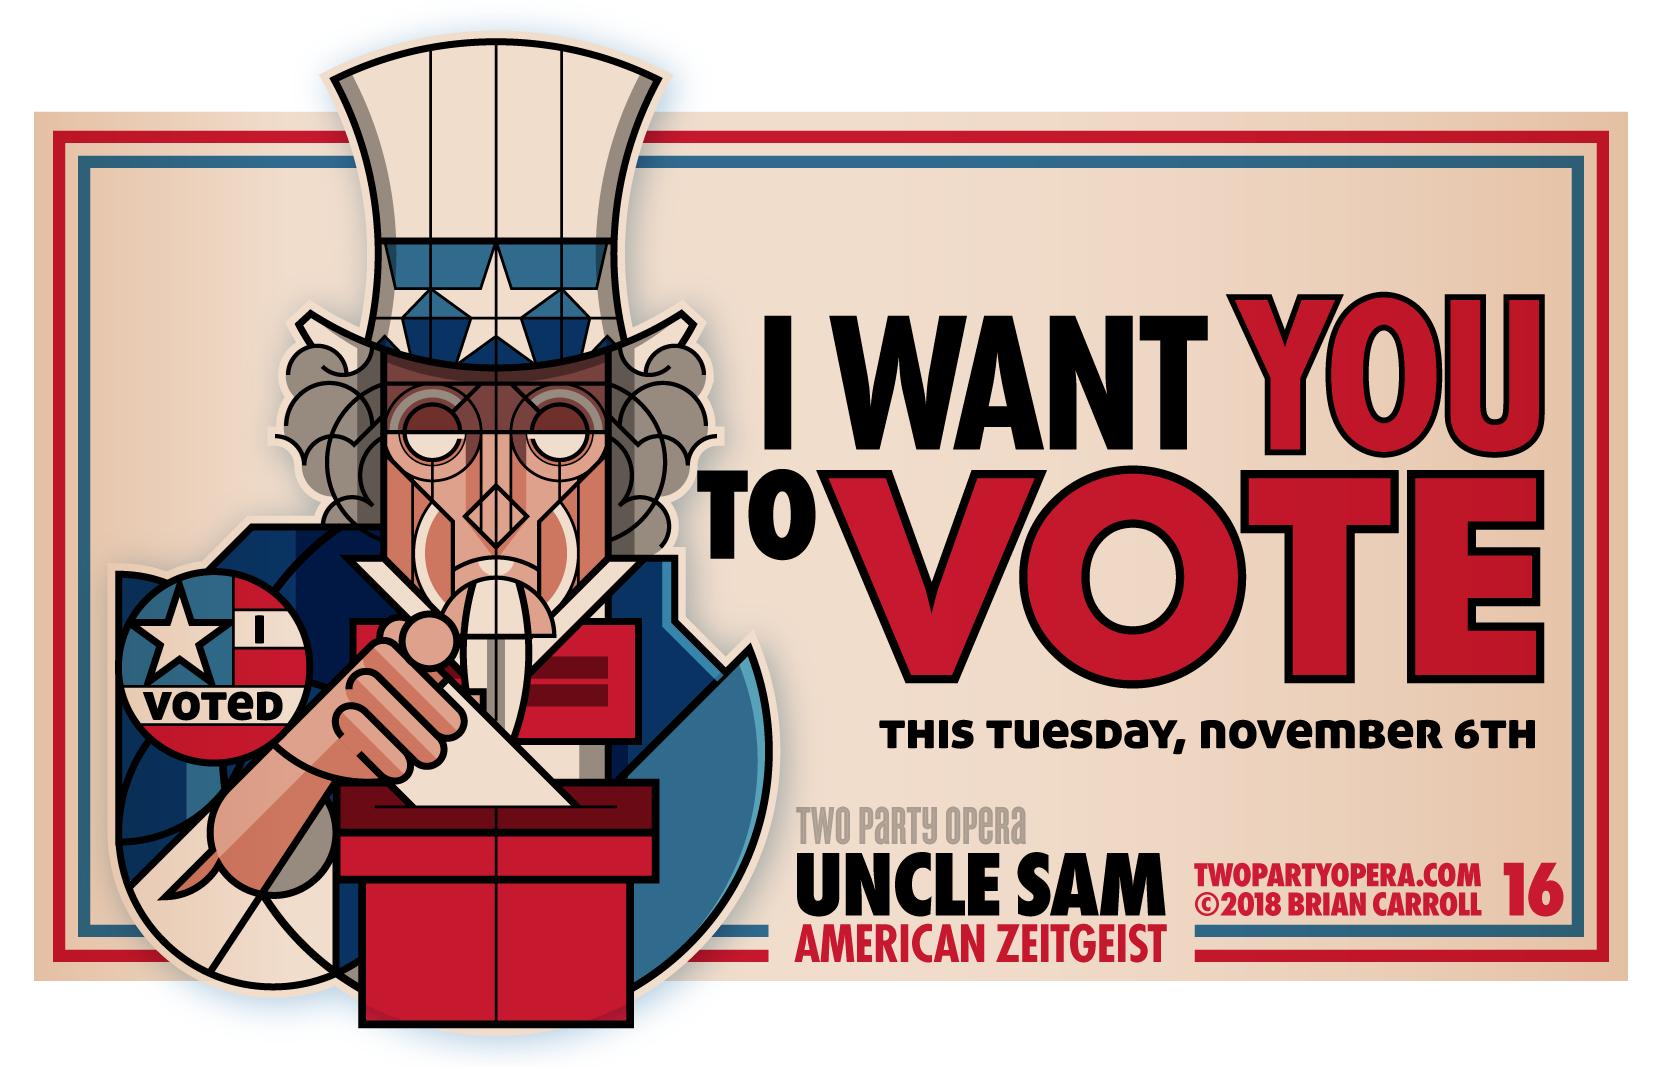 Uncle Sam: American Zeitgeist – 16